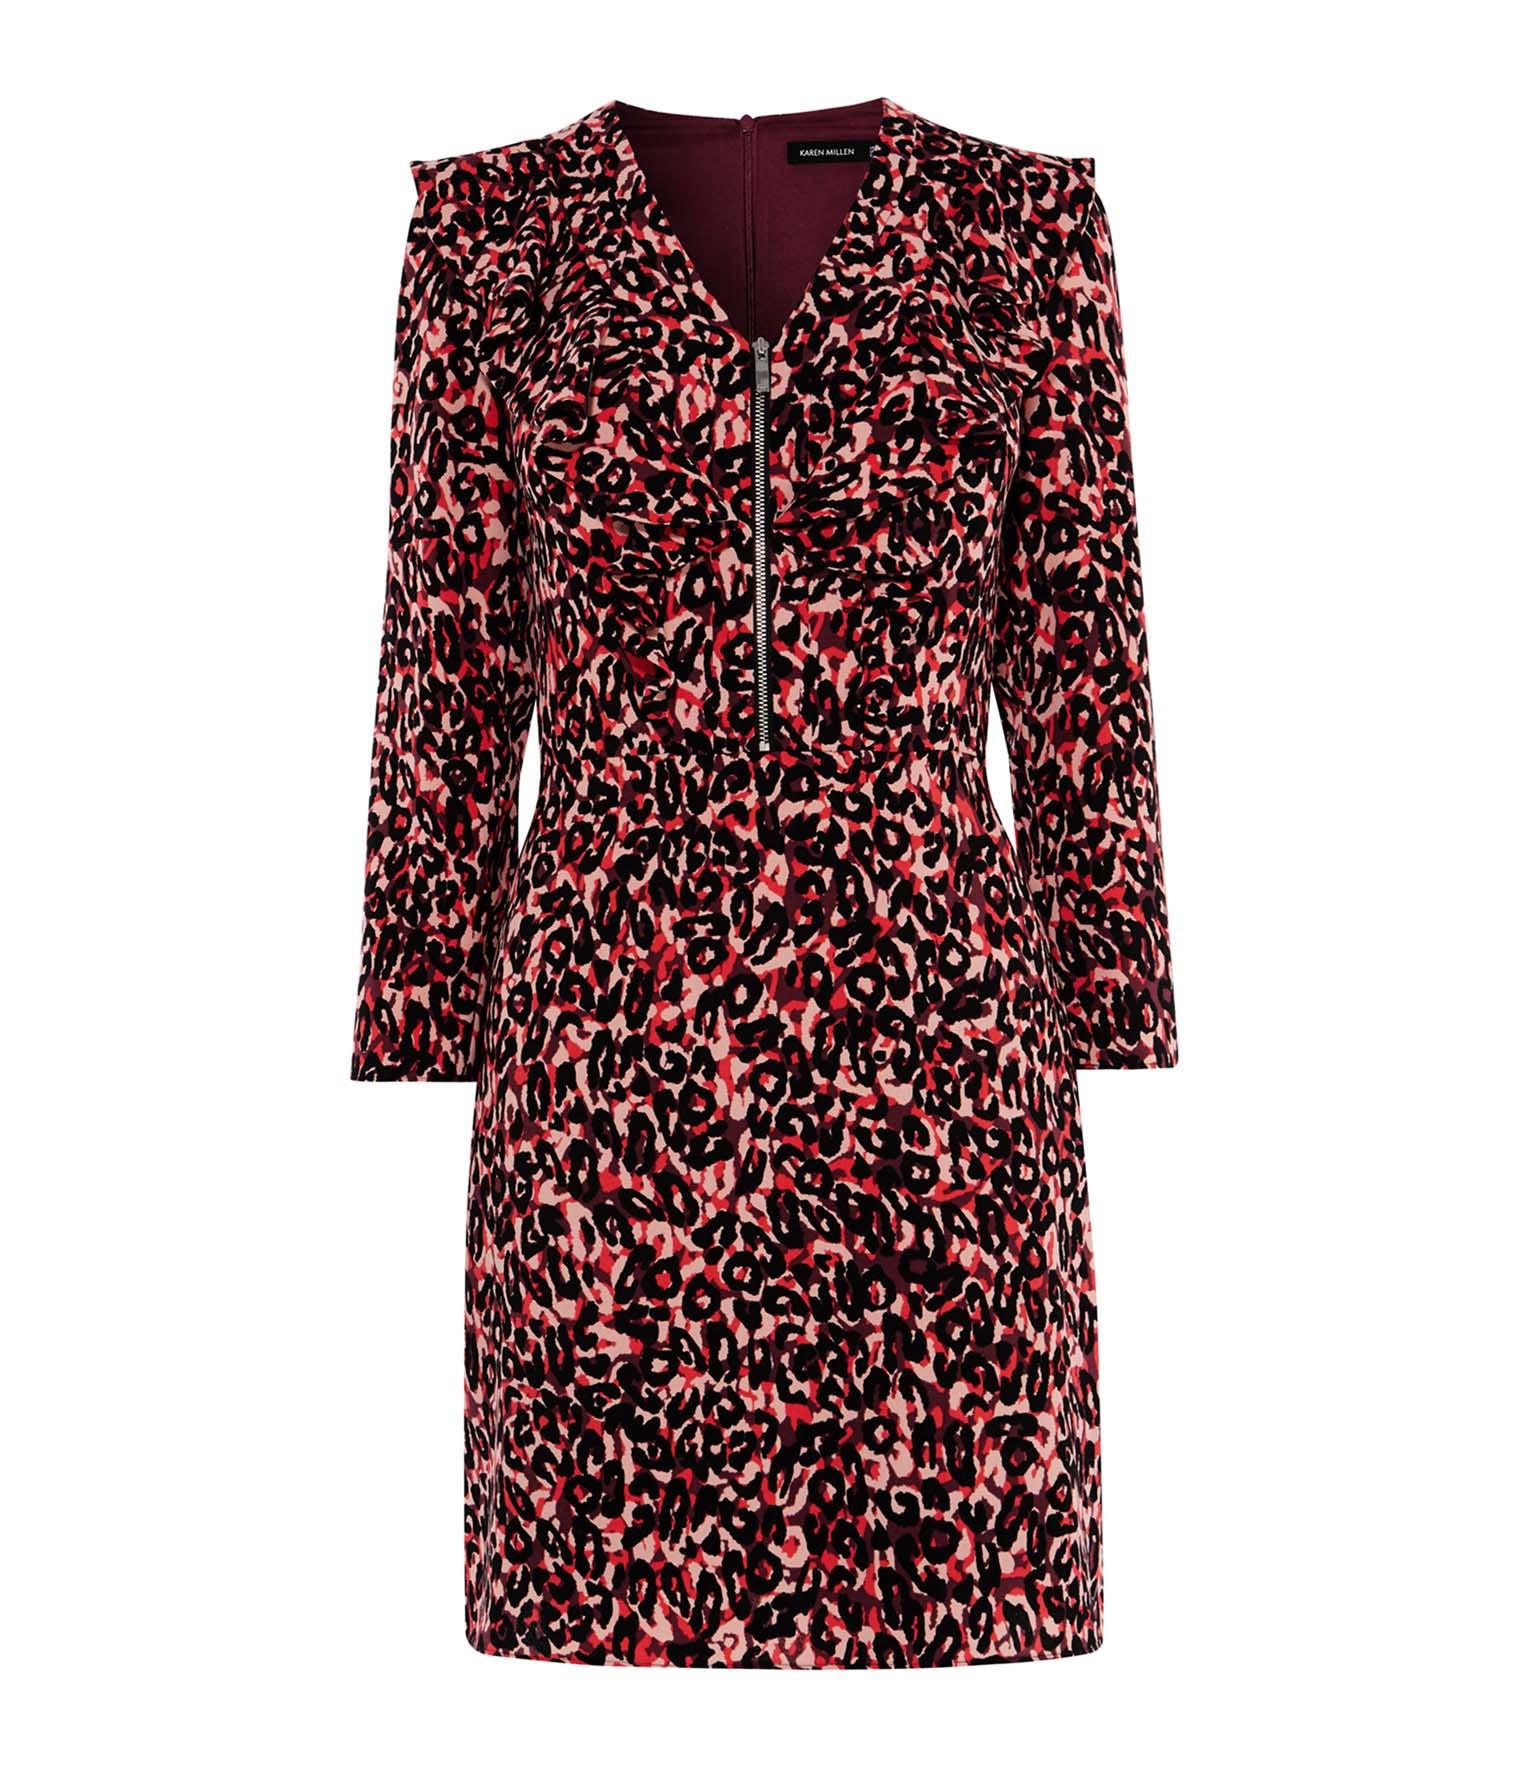 960def1b6bb4 Leopard Print Mini Dress   Endource